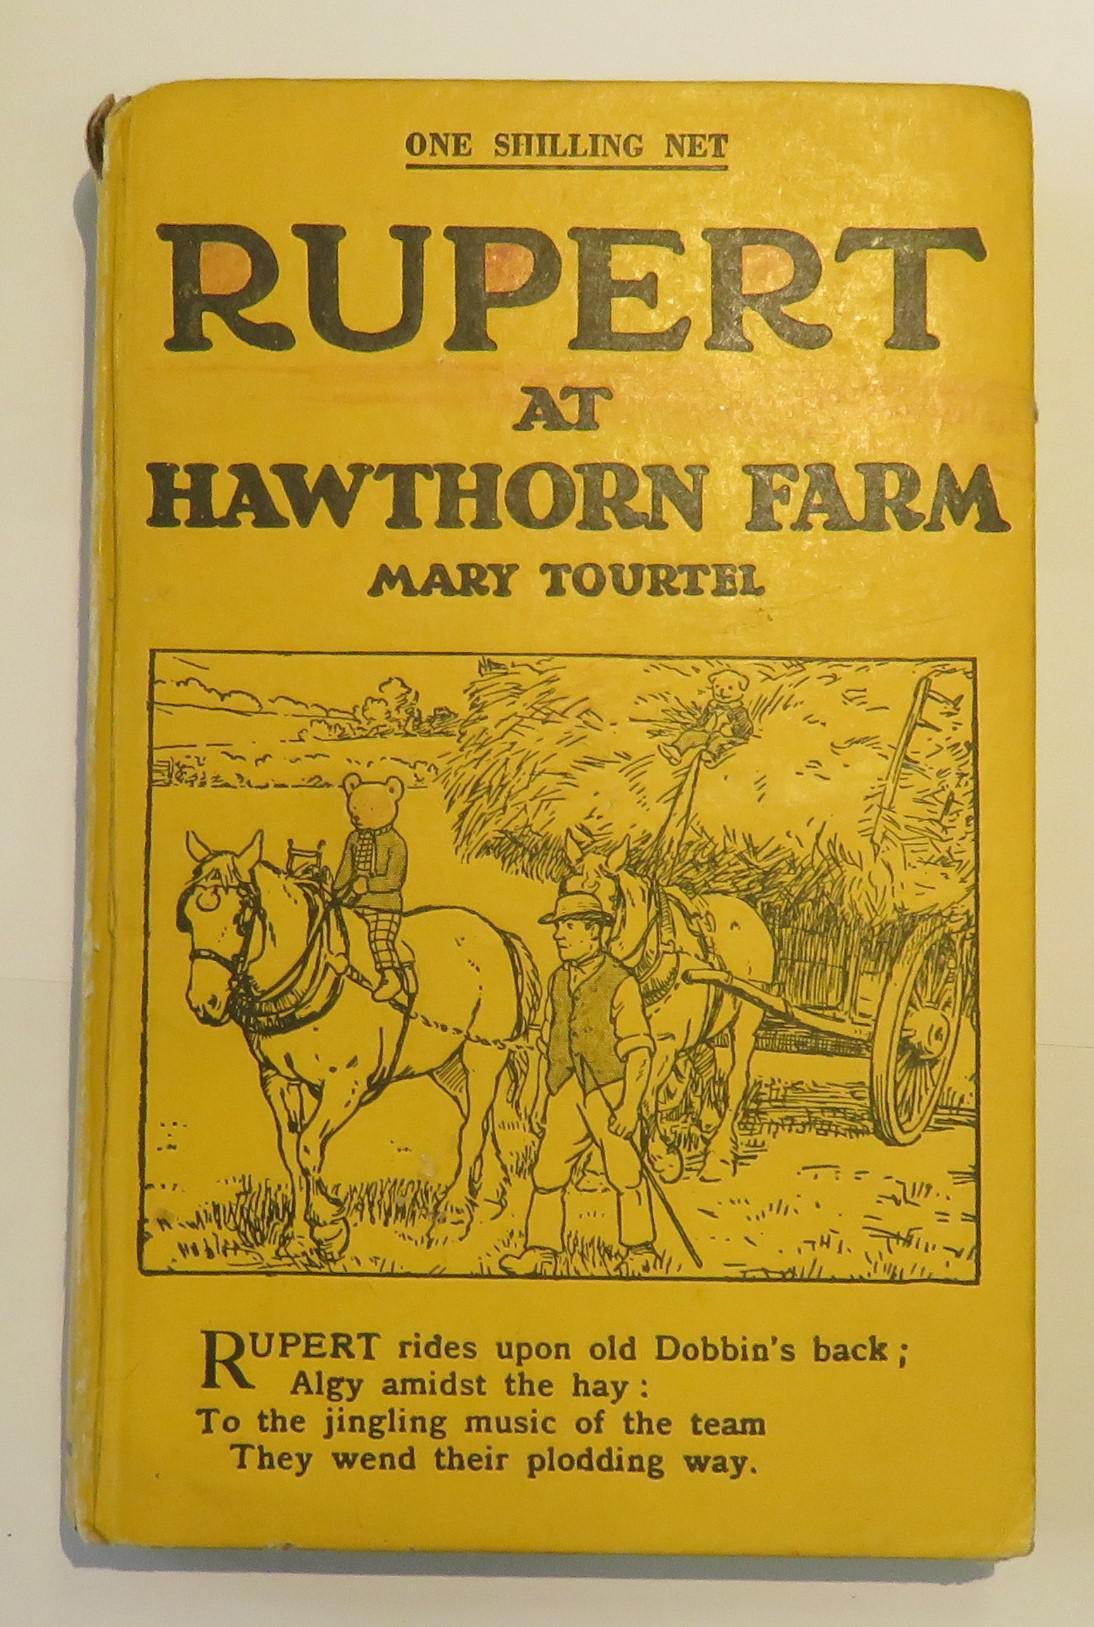 Rupert at Hawthorn Farm